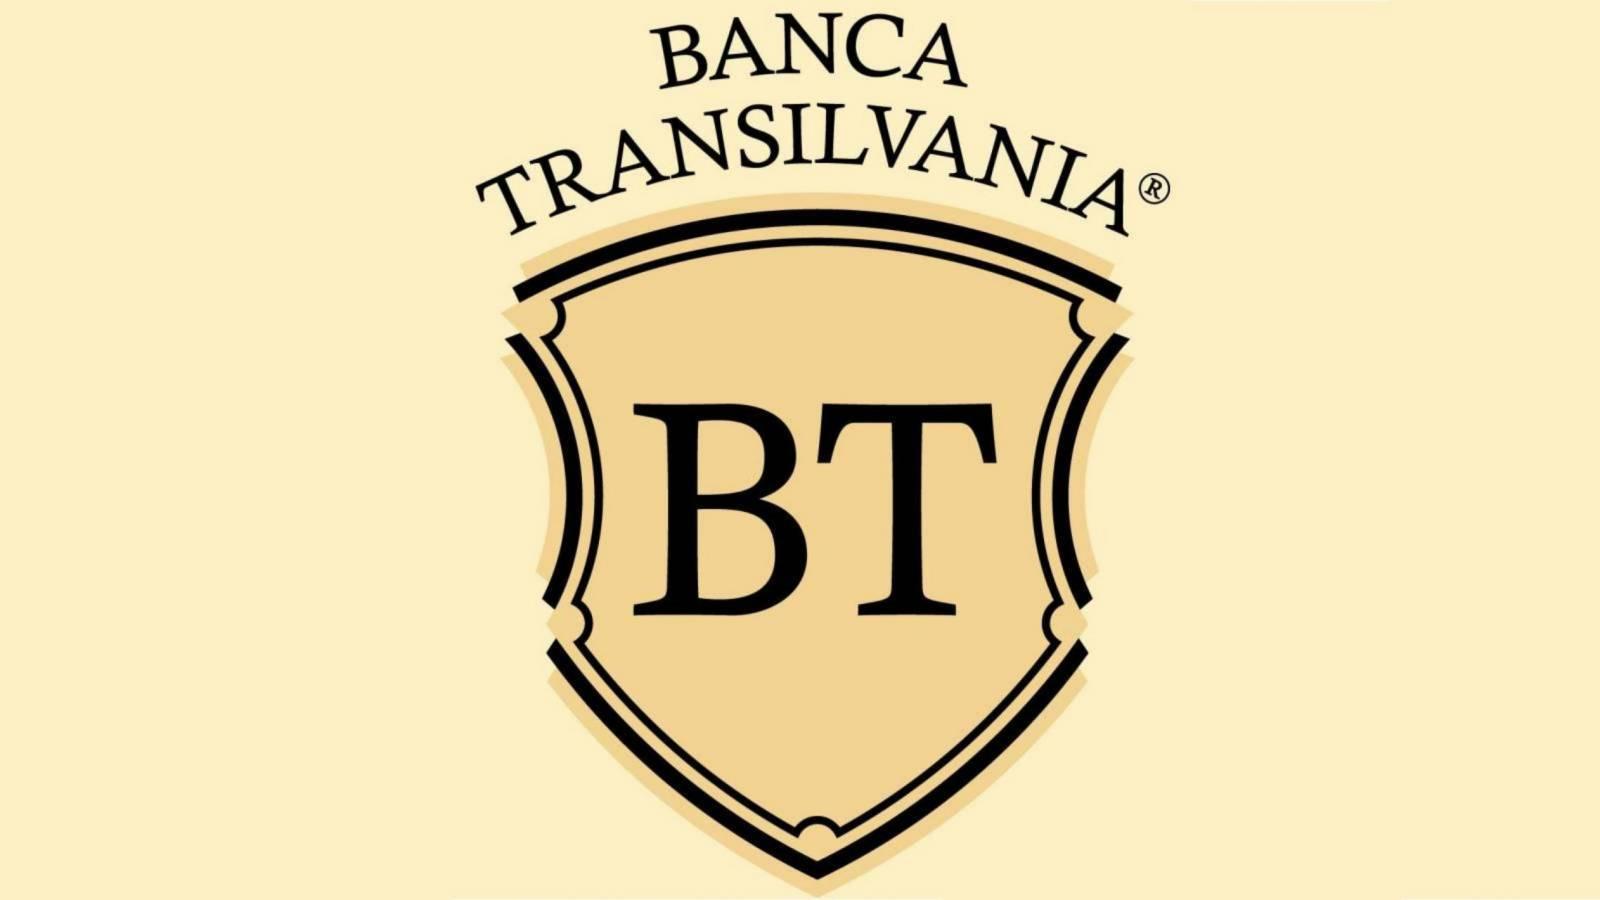 BANCA Transilvania riguros